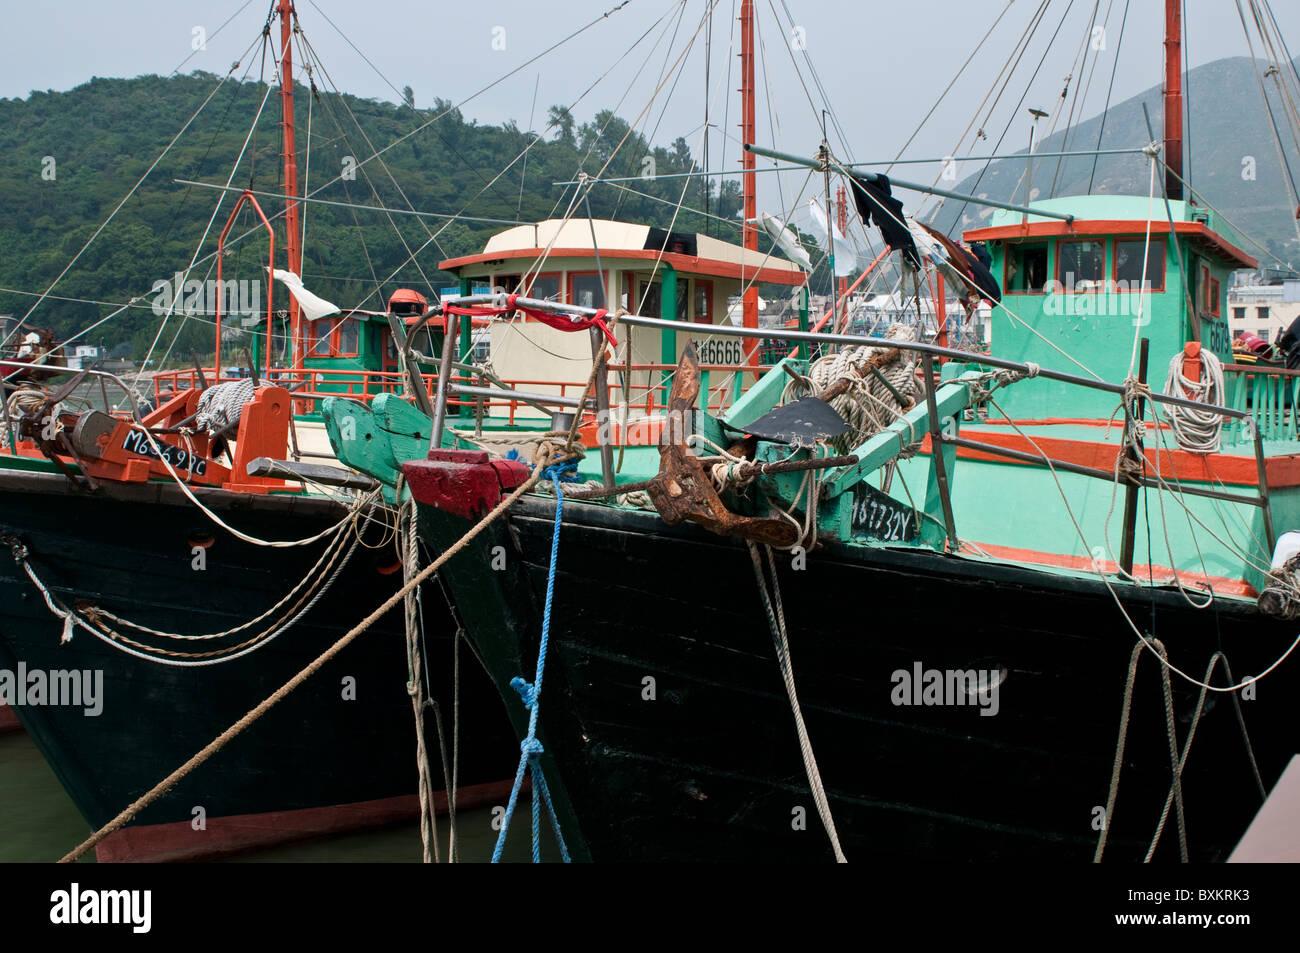 Fishing boats, Tai O village, Lantau island, Hong Kong, China - Stock Image